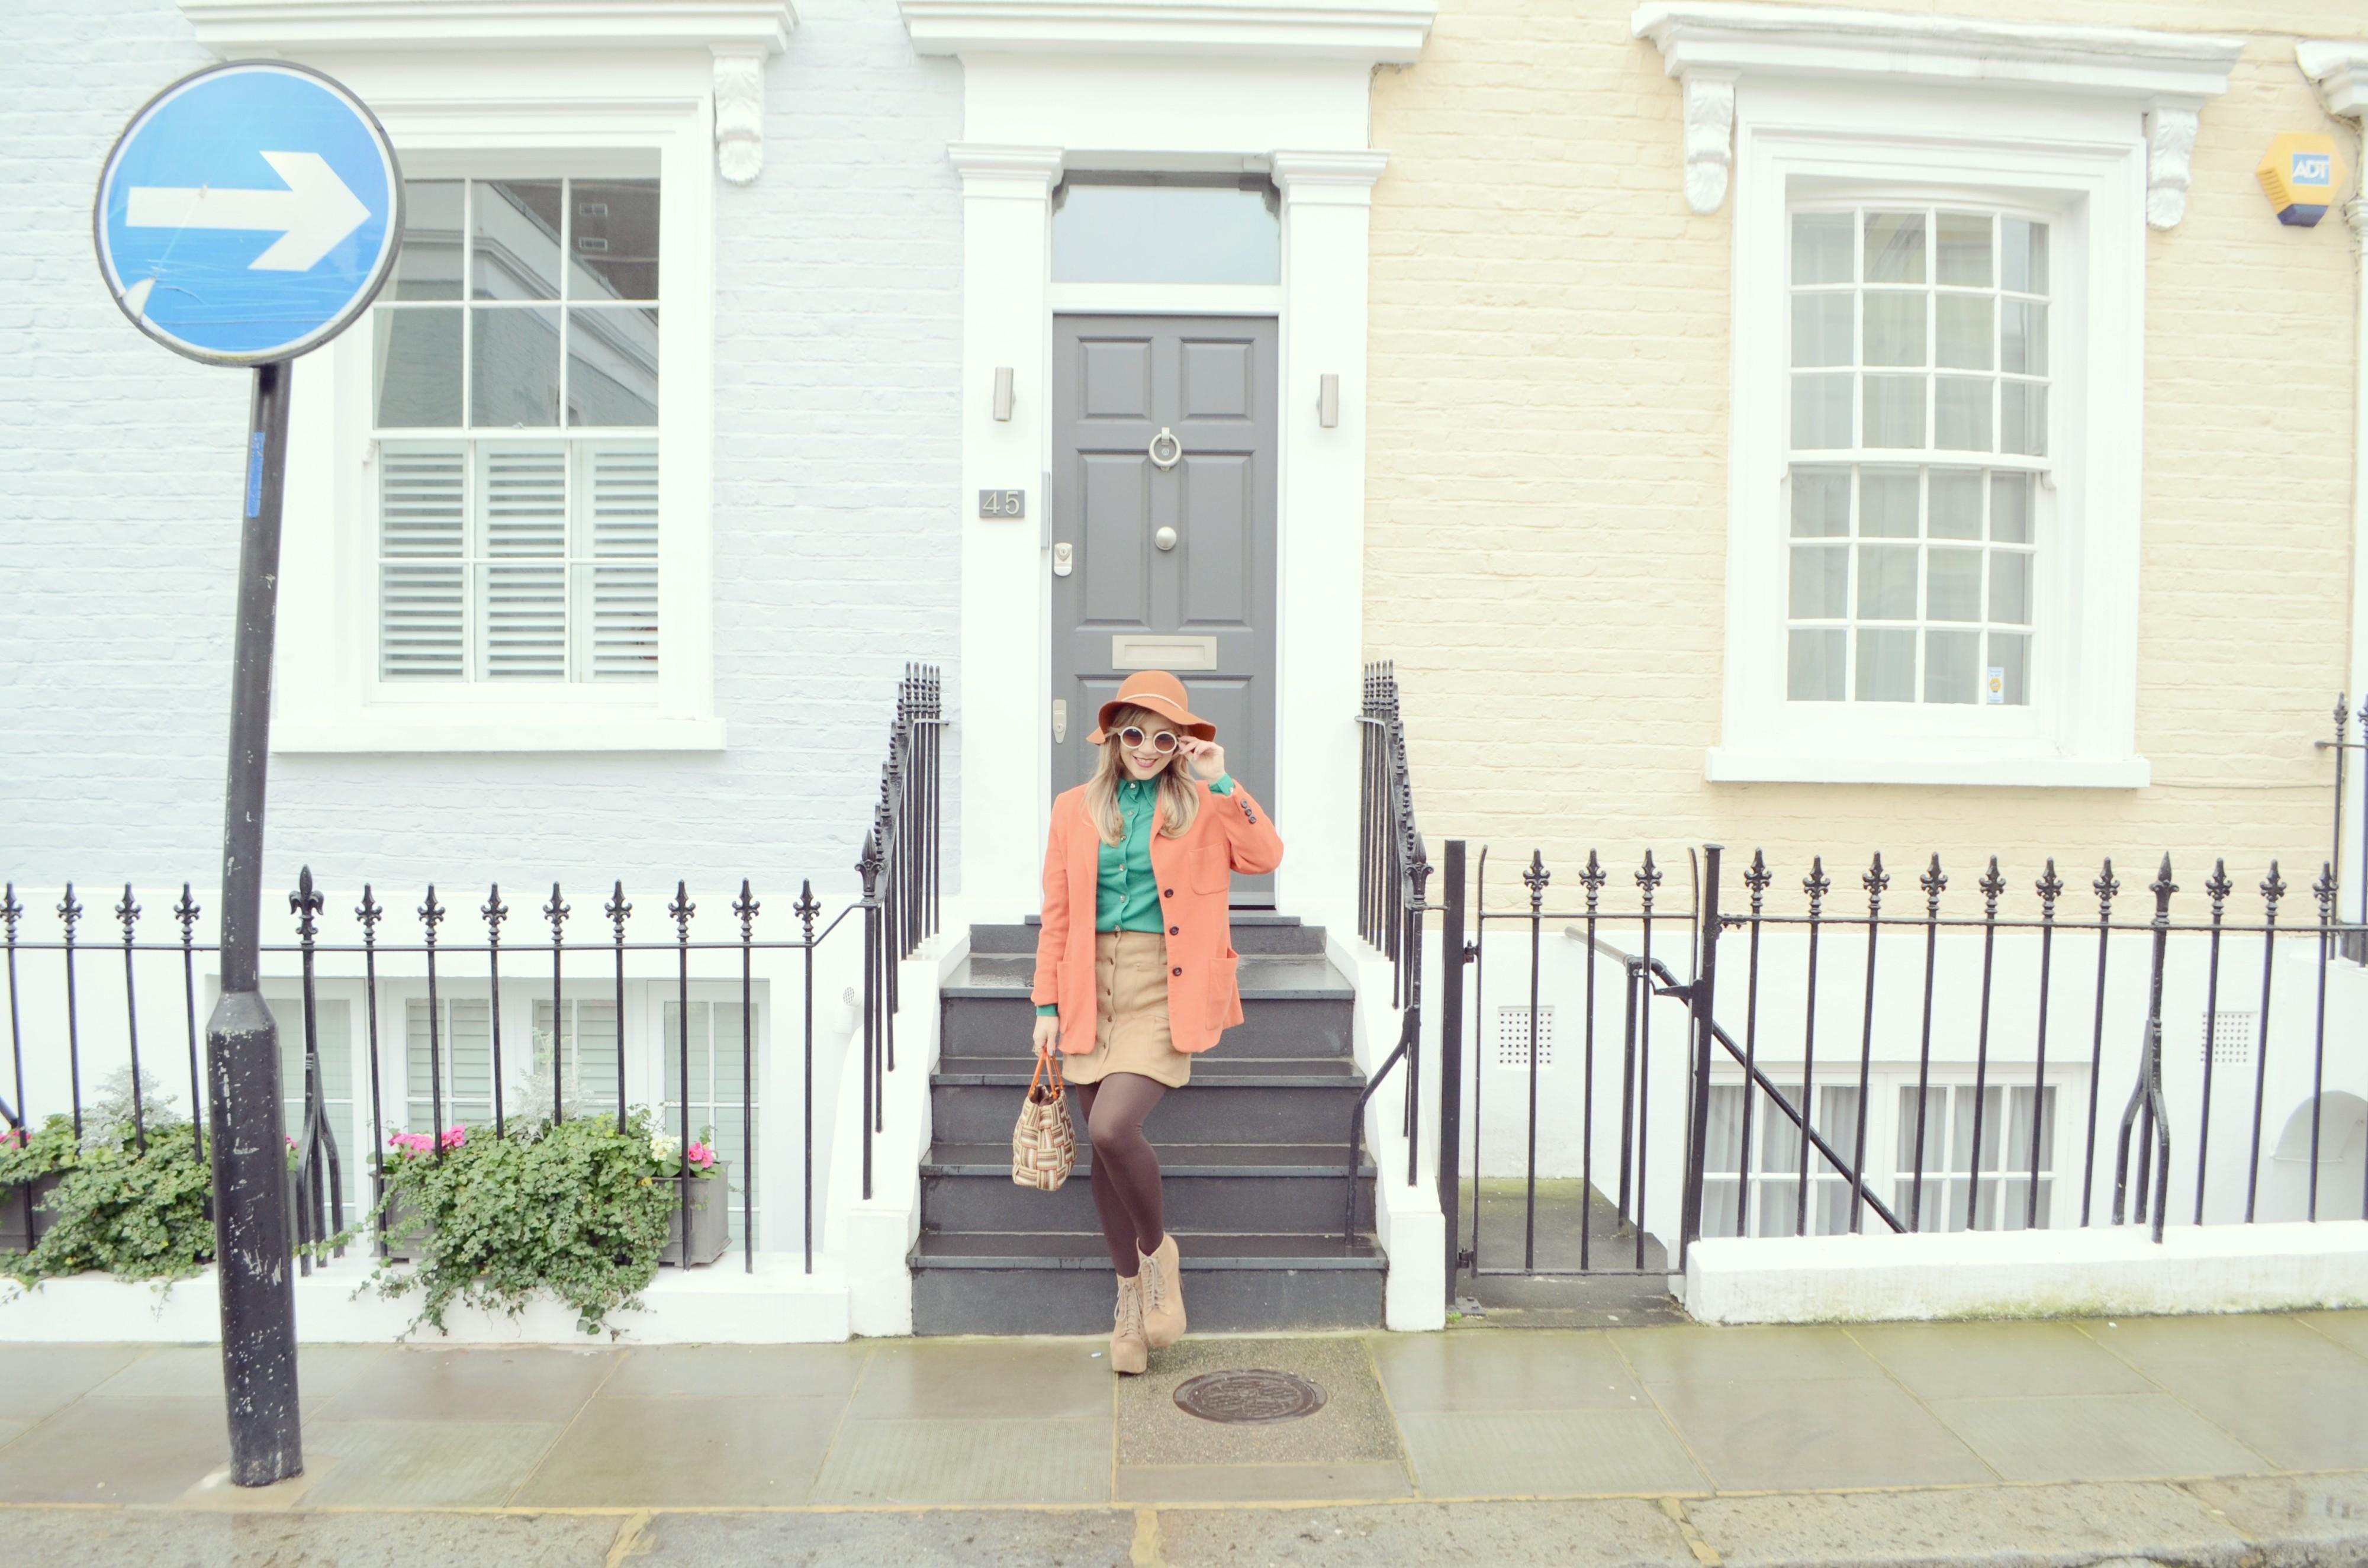 Look-con-falda-de-ante-camel-skirt-outfit-JustFab-style-blog-de-moda-ChicAdicta-Chic-Adicta-fashionista-Londres-street-style-PiensaenChic-Piensa-en-Chic